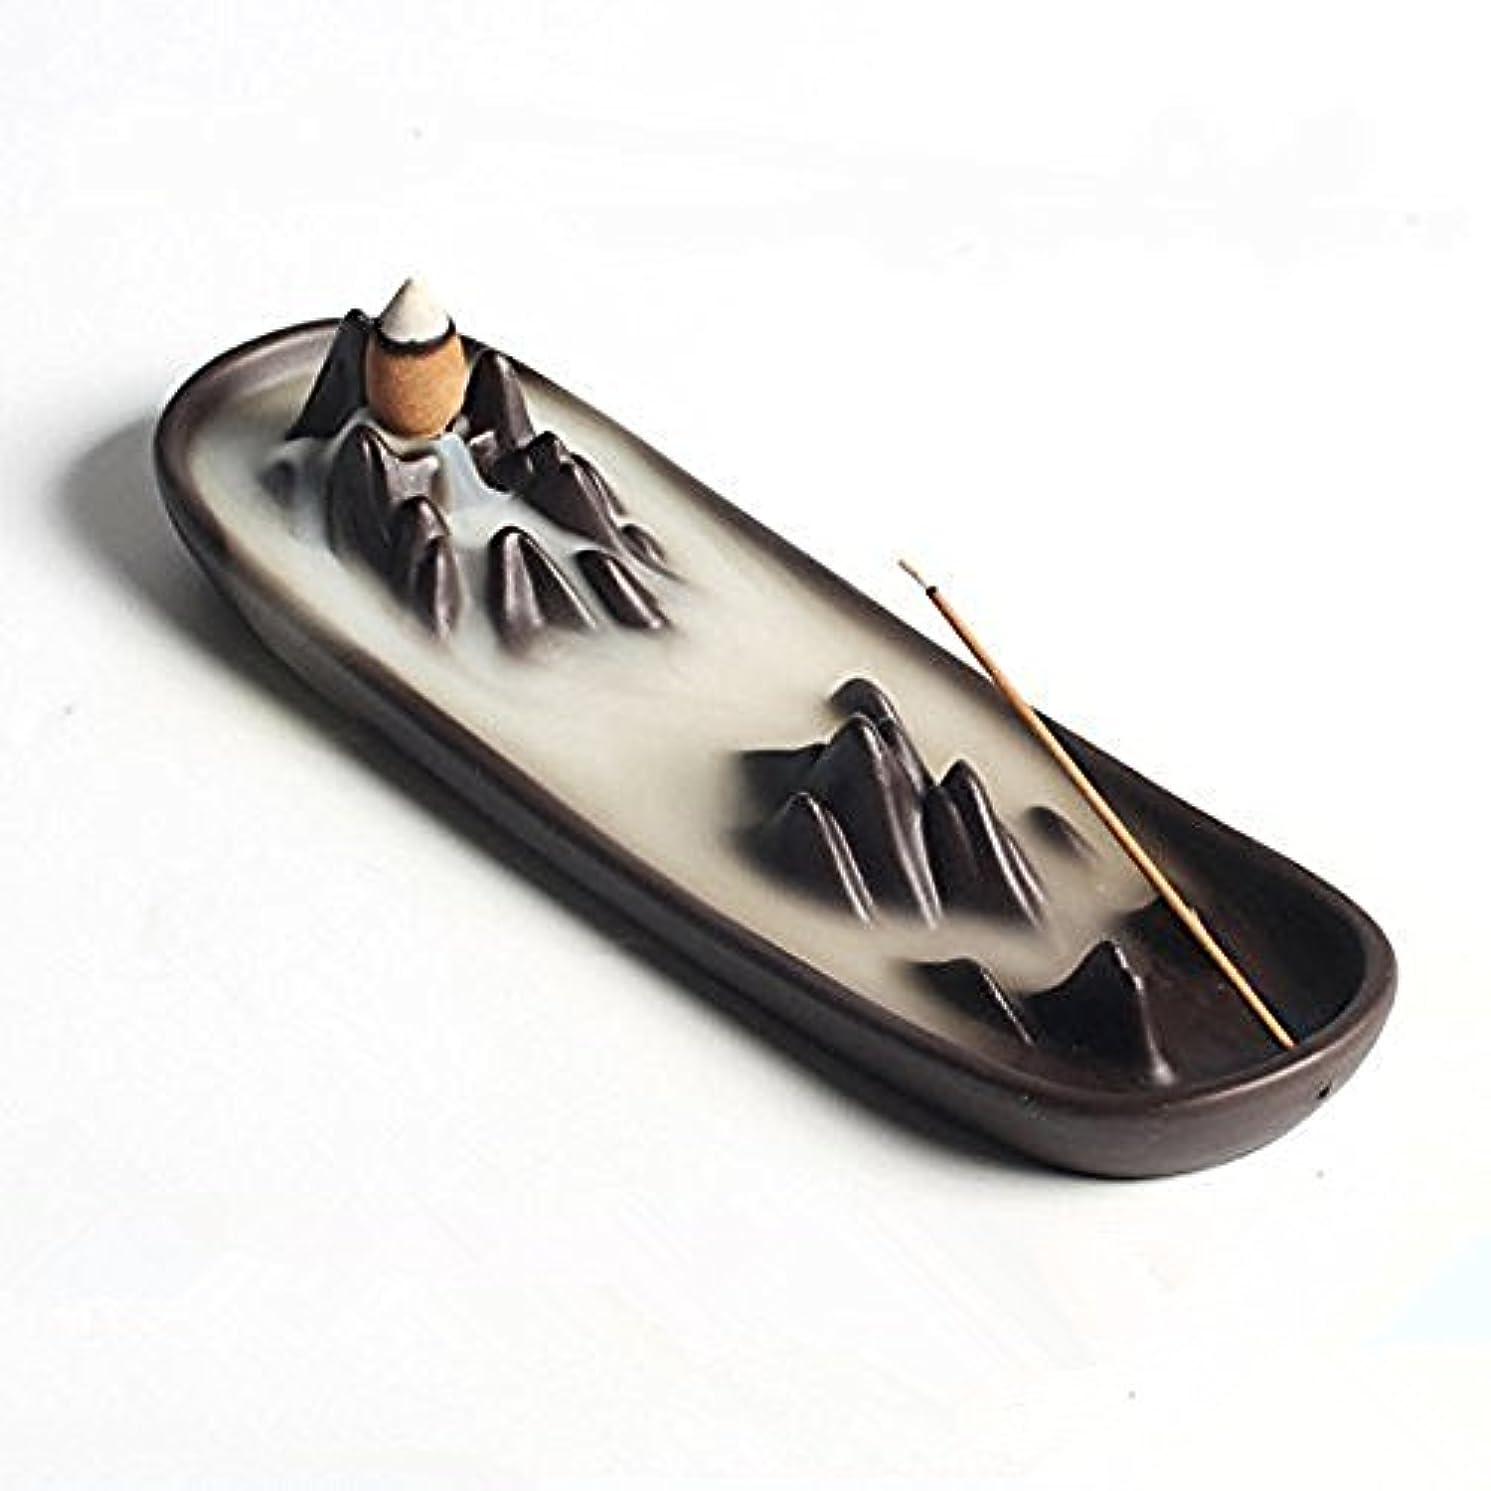 再現する拷問神聖Ceramic mountain peak Boat Style Multifunction Incense Burner Stick Backflow Incense Holder Clay Incense Ash Catcher...